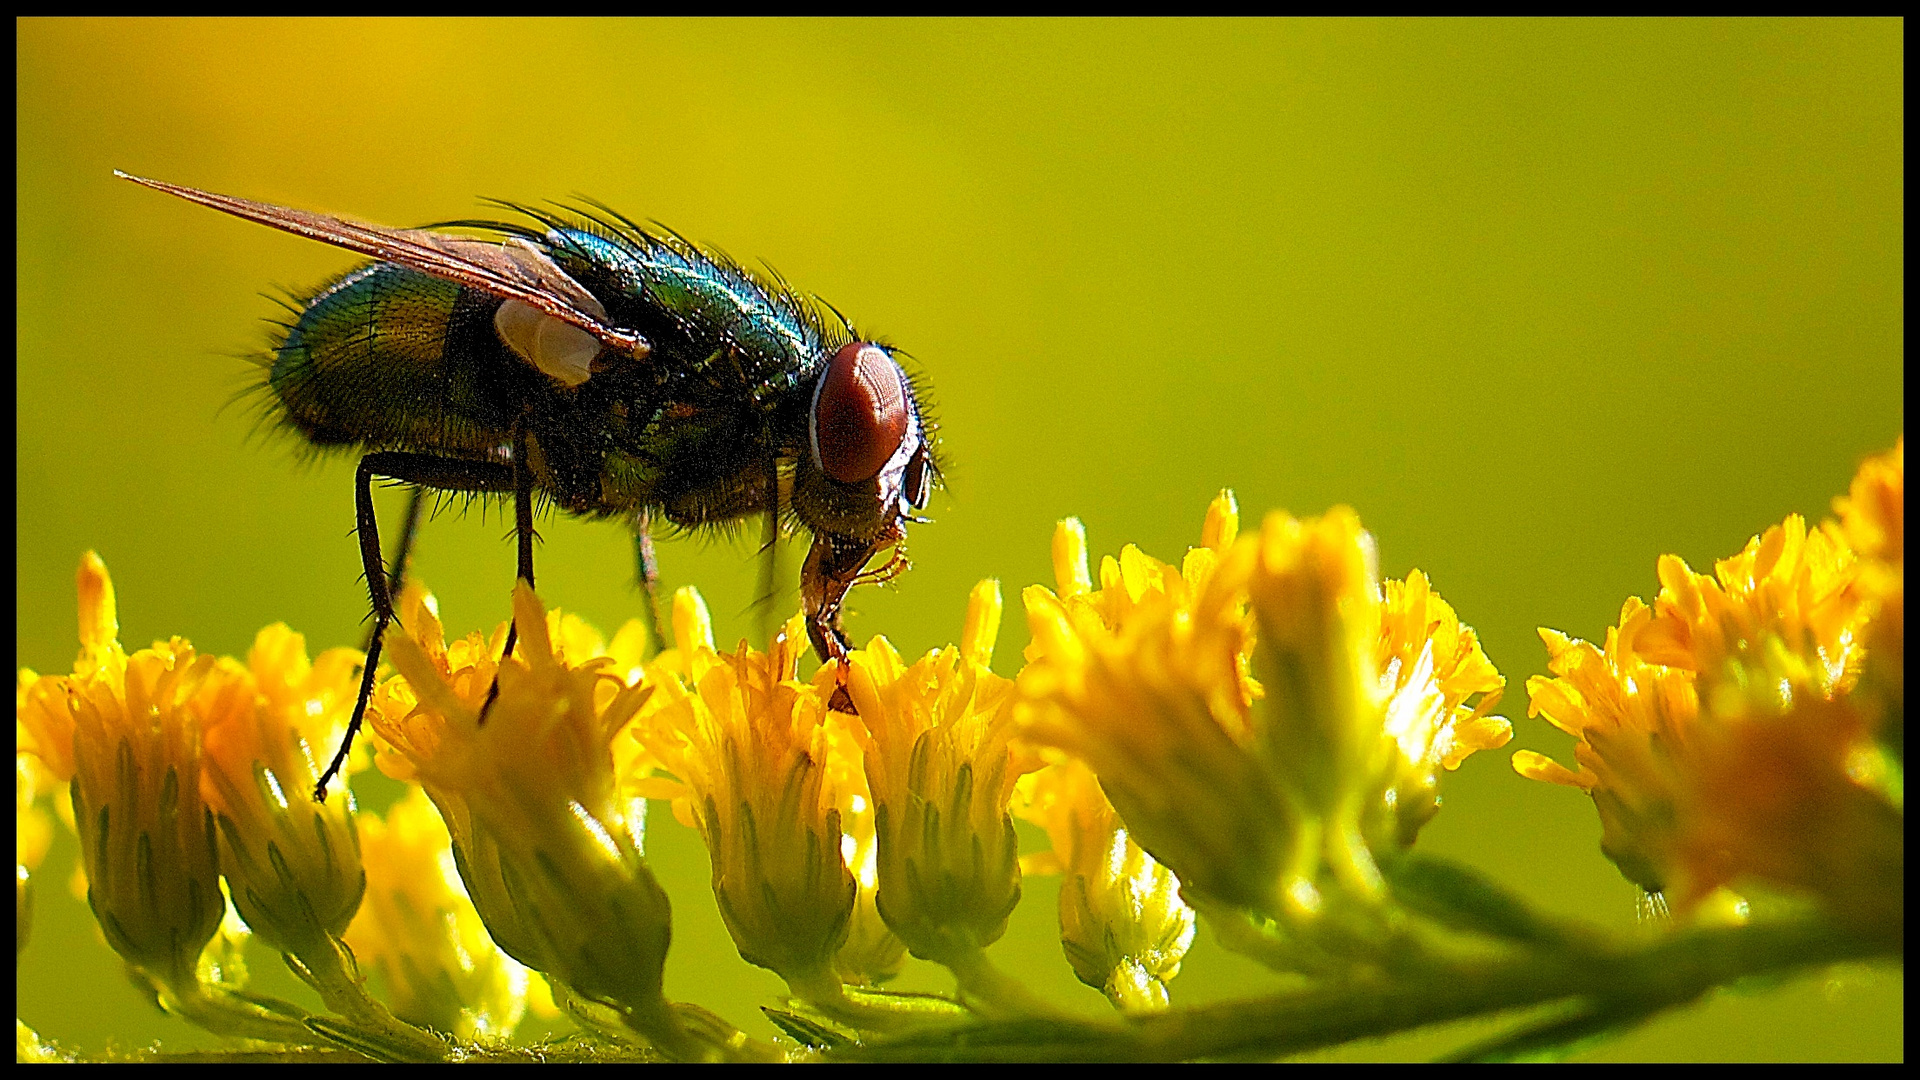 Fliege im Licht 2